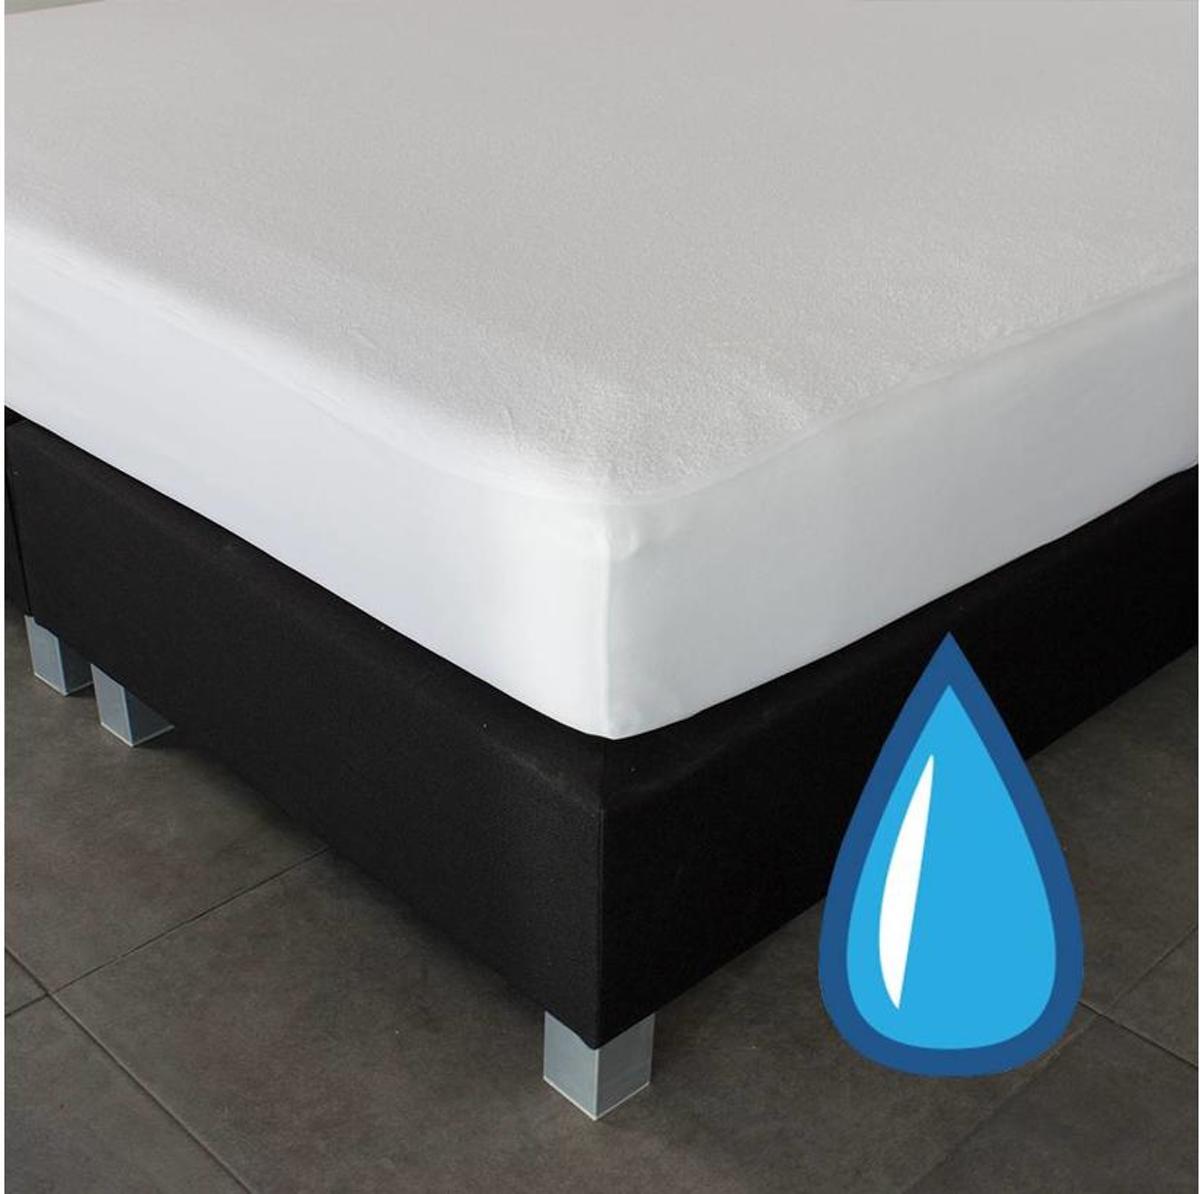 Hoogwaardige Waterdichte Matrasbeschermer 80x200  Houdt Je Matras Als Nieuw  Ademend En Watervast kopen